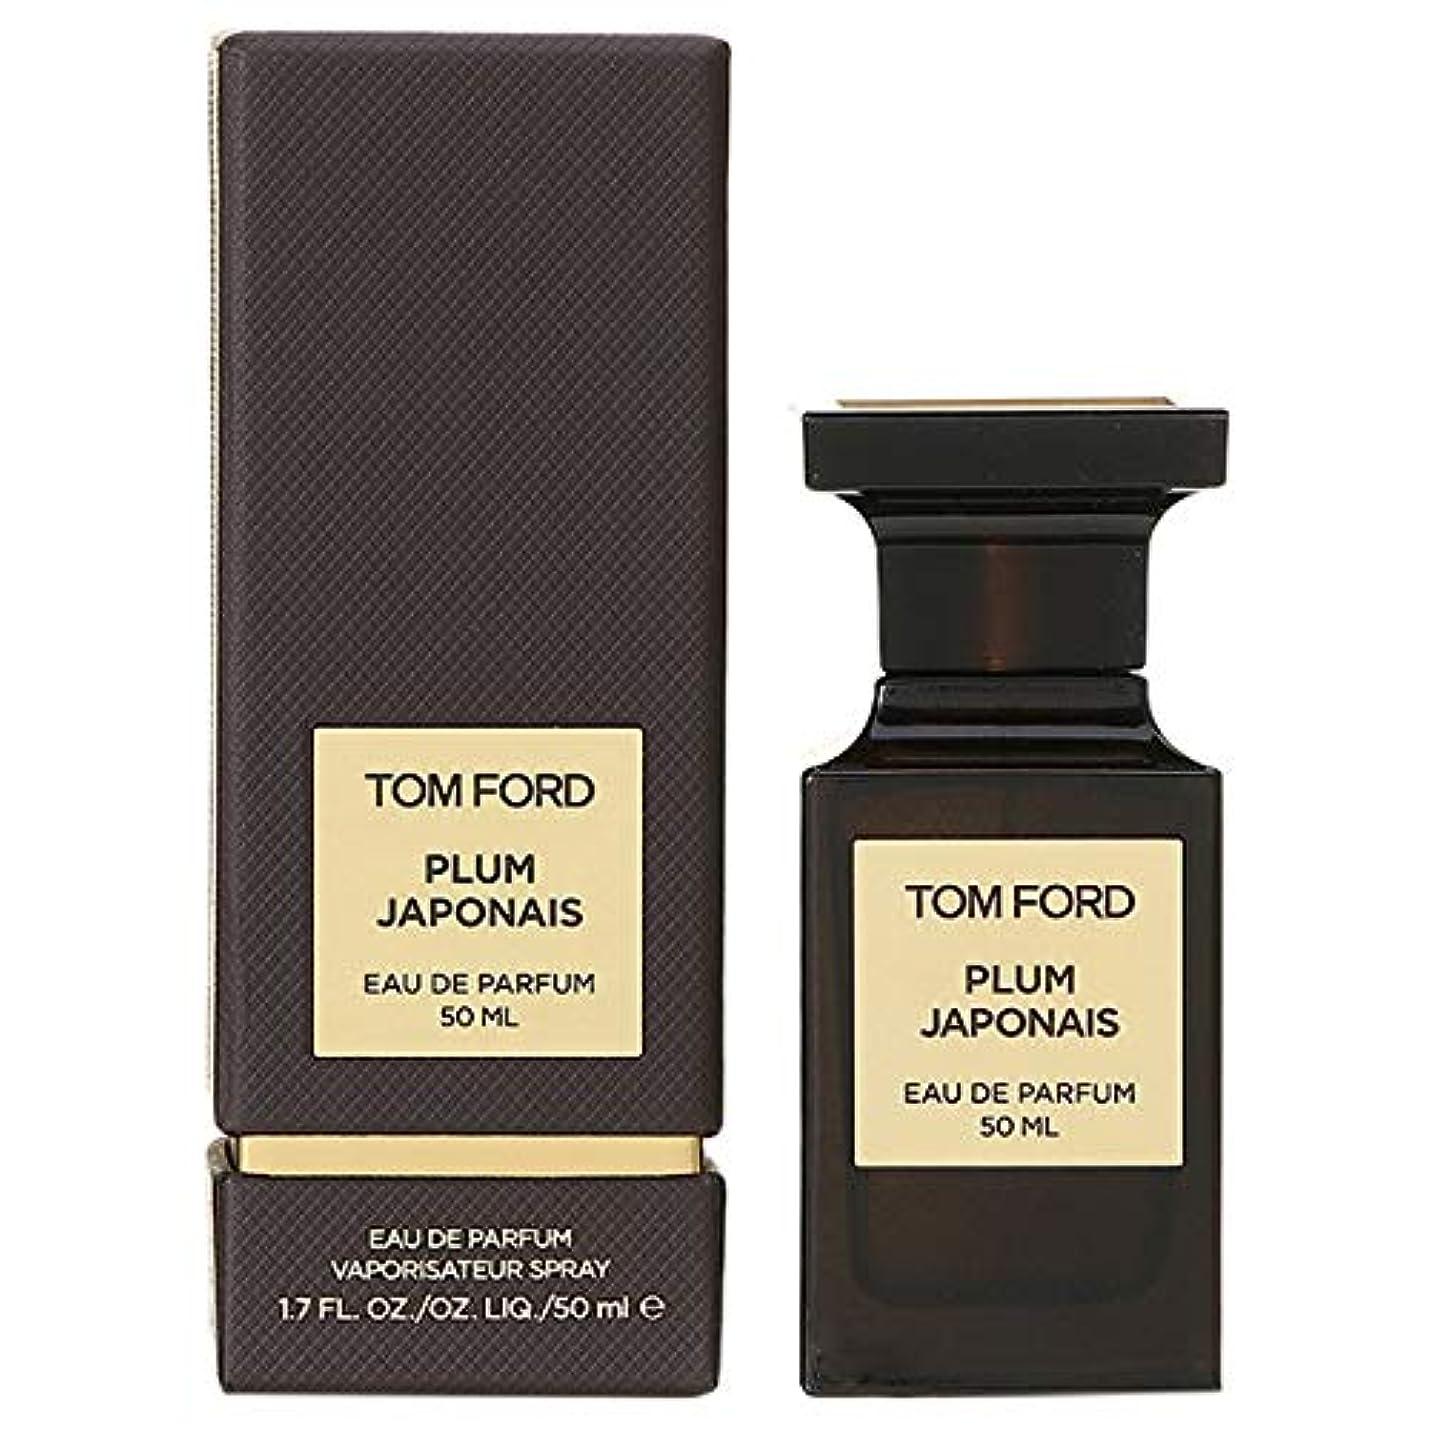 流暢奇跡的な相反するトム フォード ビューティ TOM FORD BEAUTY プラム ジャポネ オード パルファム スプレィ EDP 50mL 【並行輸入品】